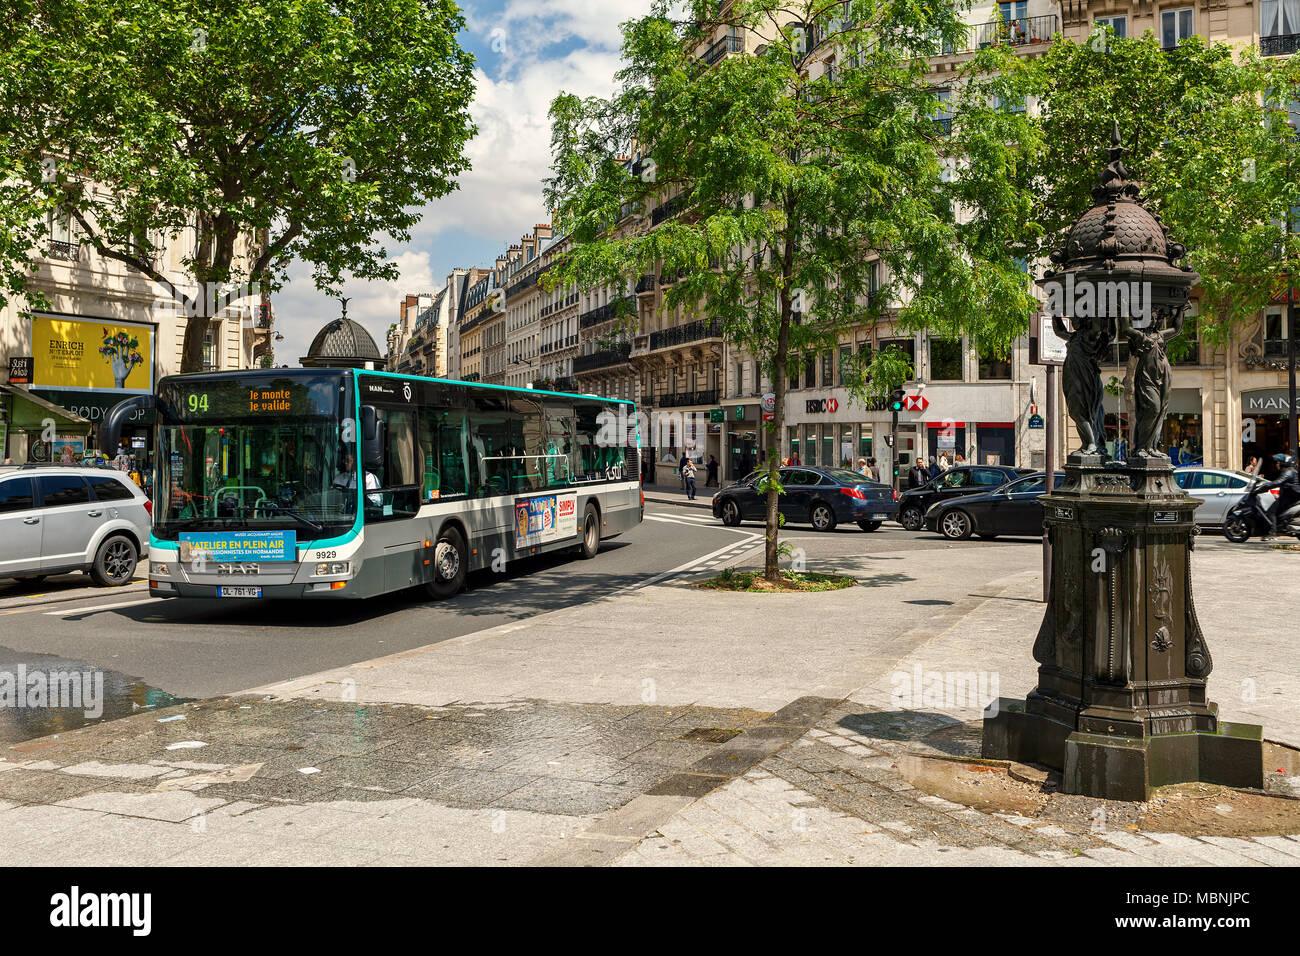 Wallace Brunnen, öffentlichen Bussen und Autos auf der Straße in Paris - Hauptstadt und größte Stadt Frankreichs. Stockbild